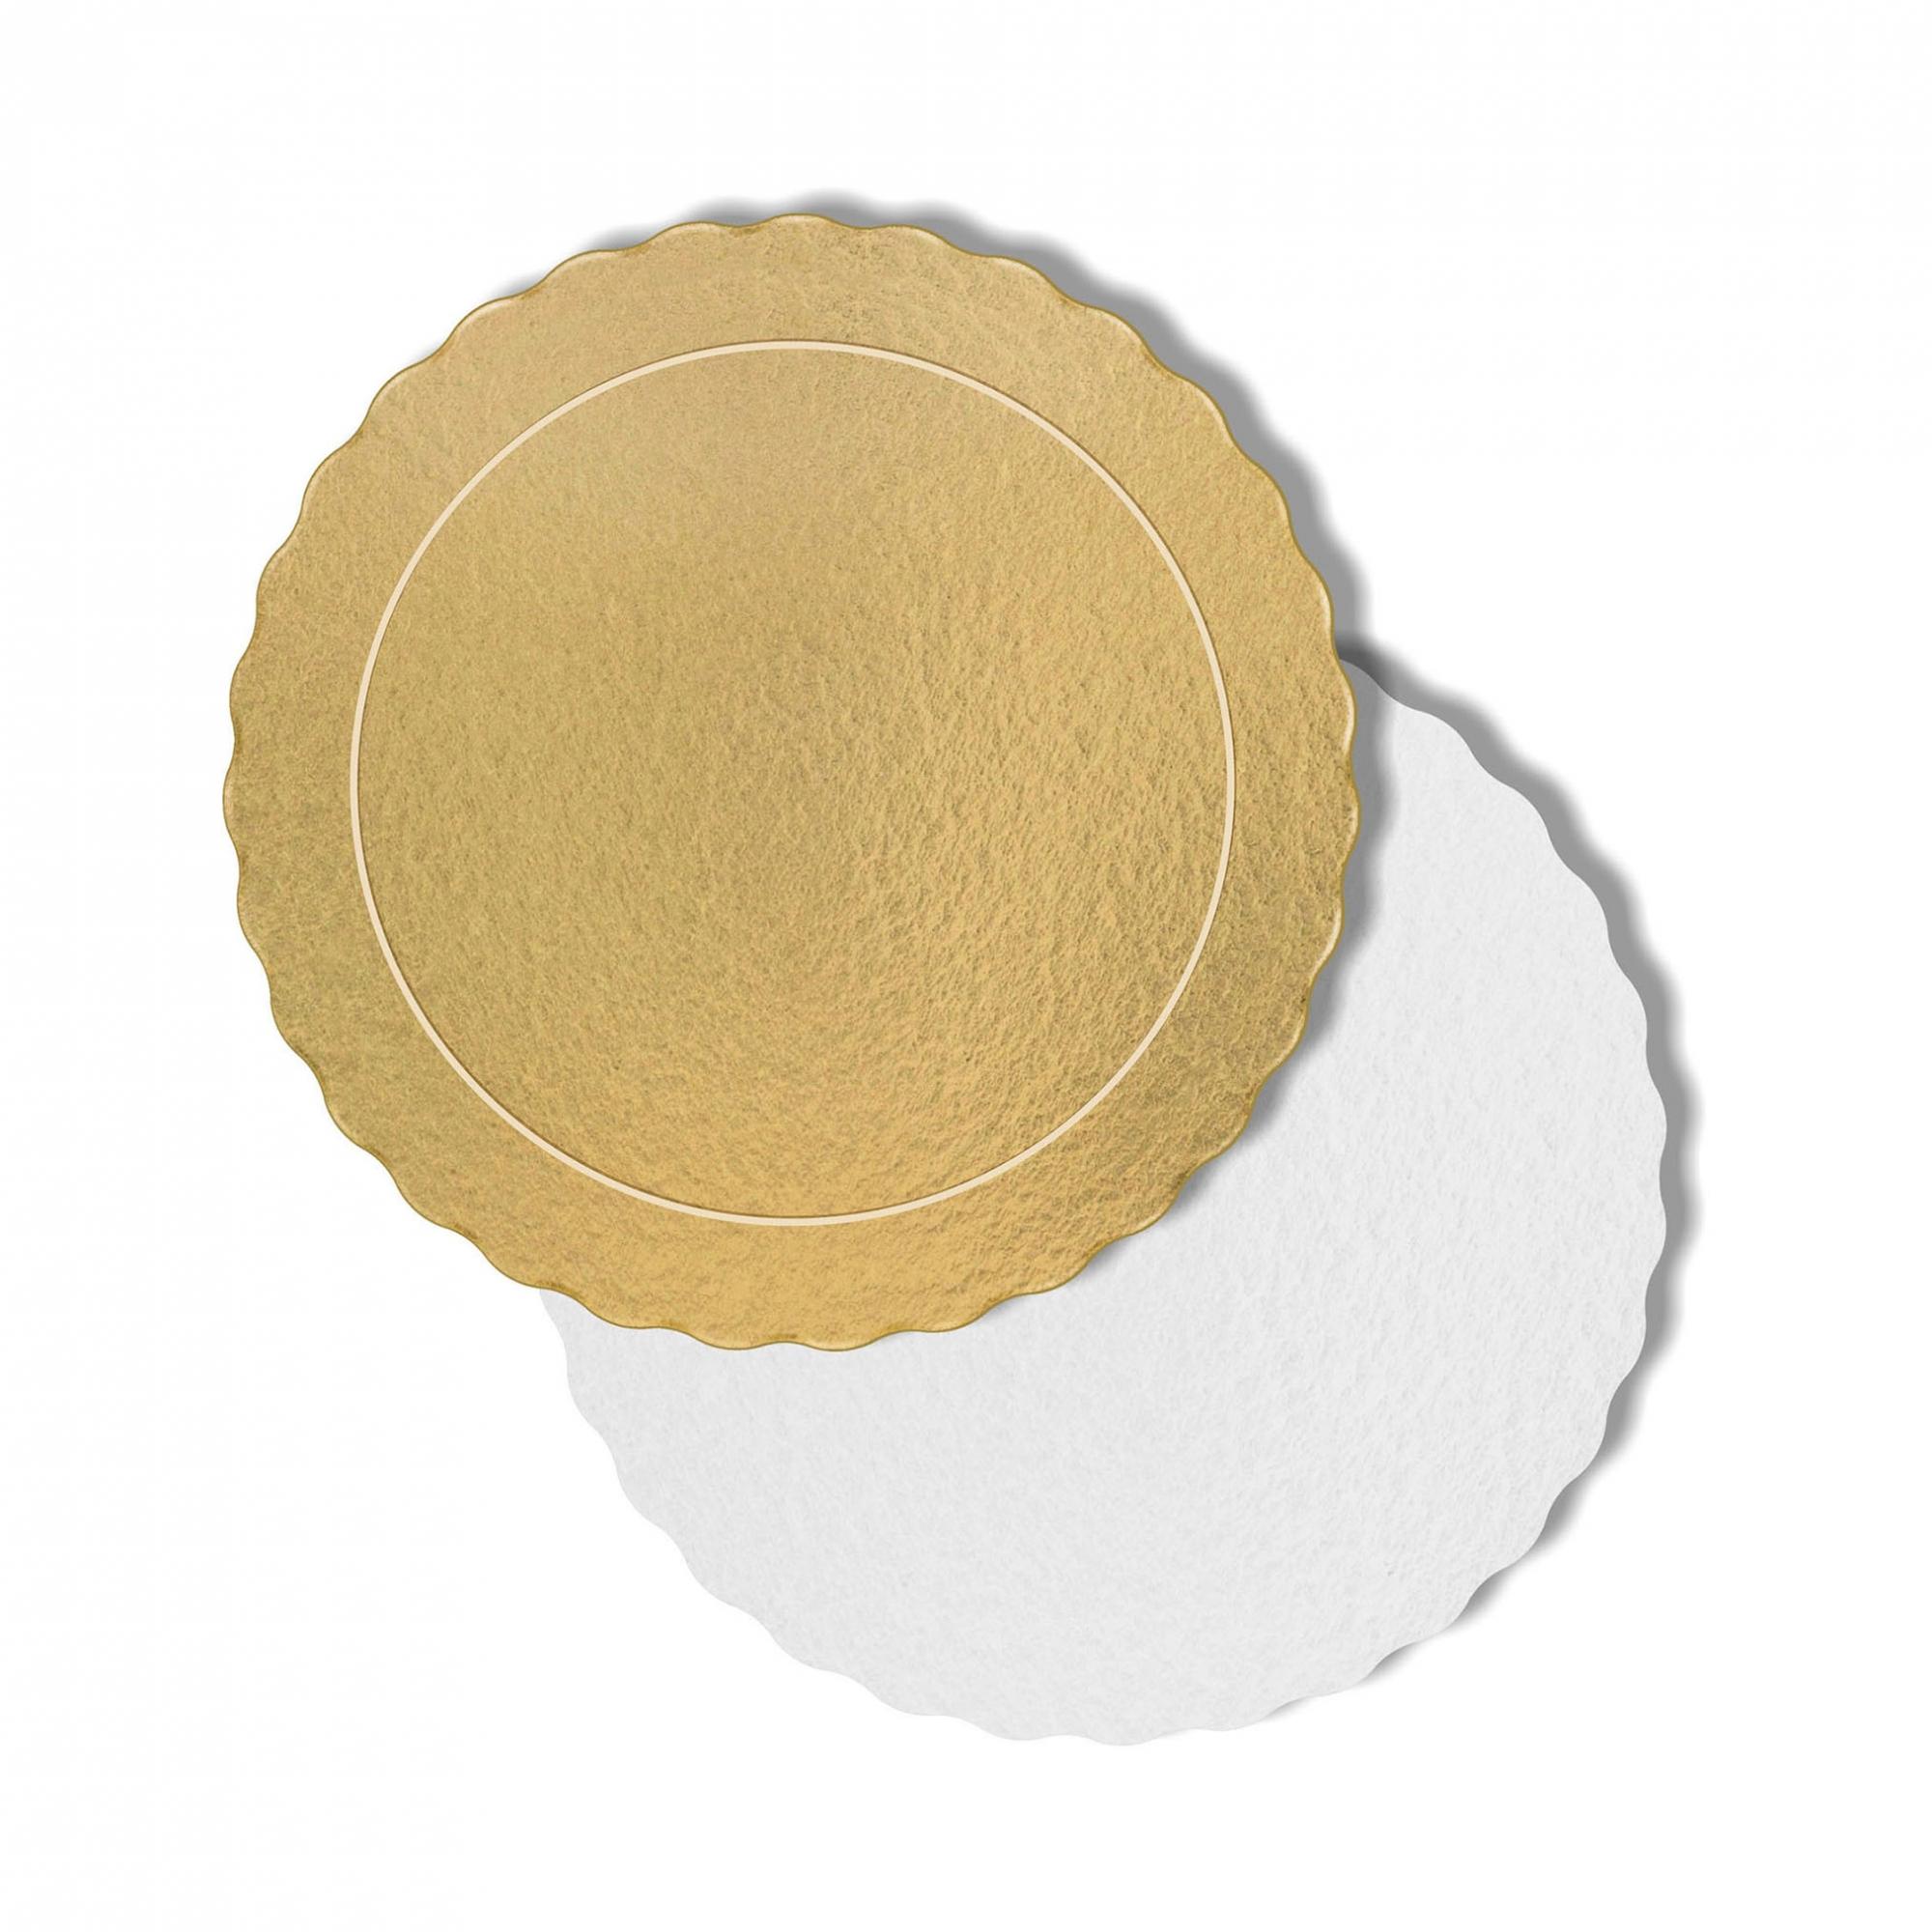 100 Bases Laminadas Para Bolo Redondo, Cake Board 32cm - Ouro